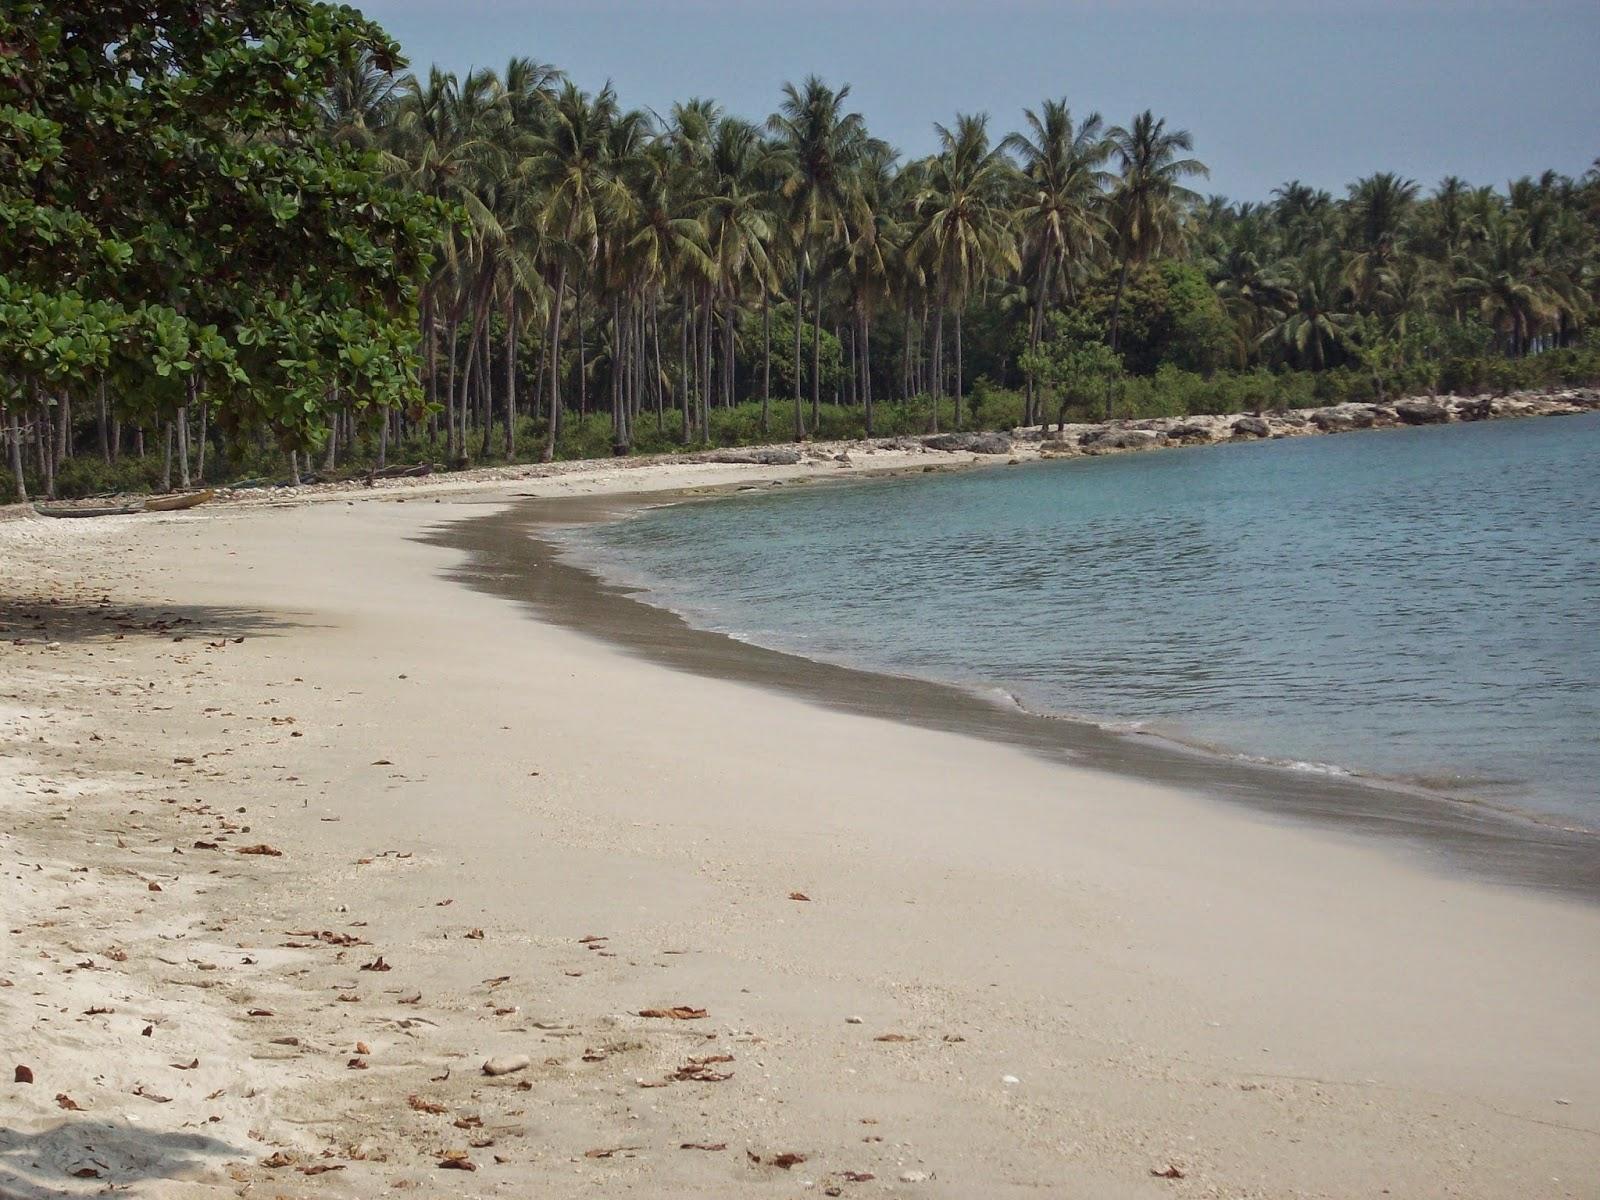 Pantai Ciputih Pandeglang Banten Ahmad Arifin Bagi Taman Nasional Ujung